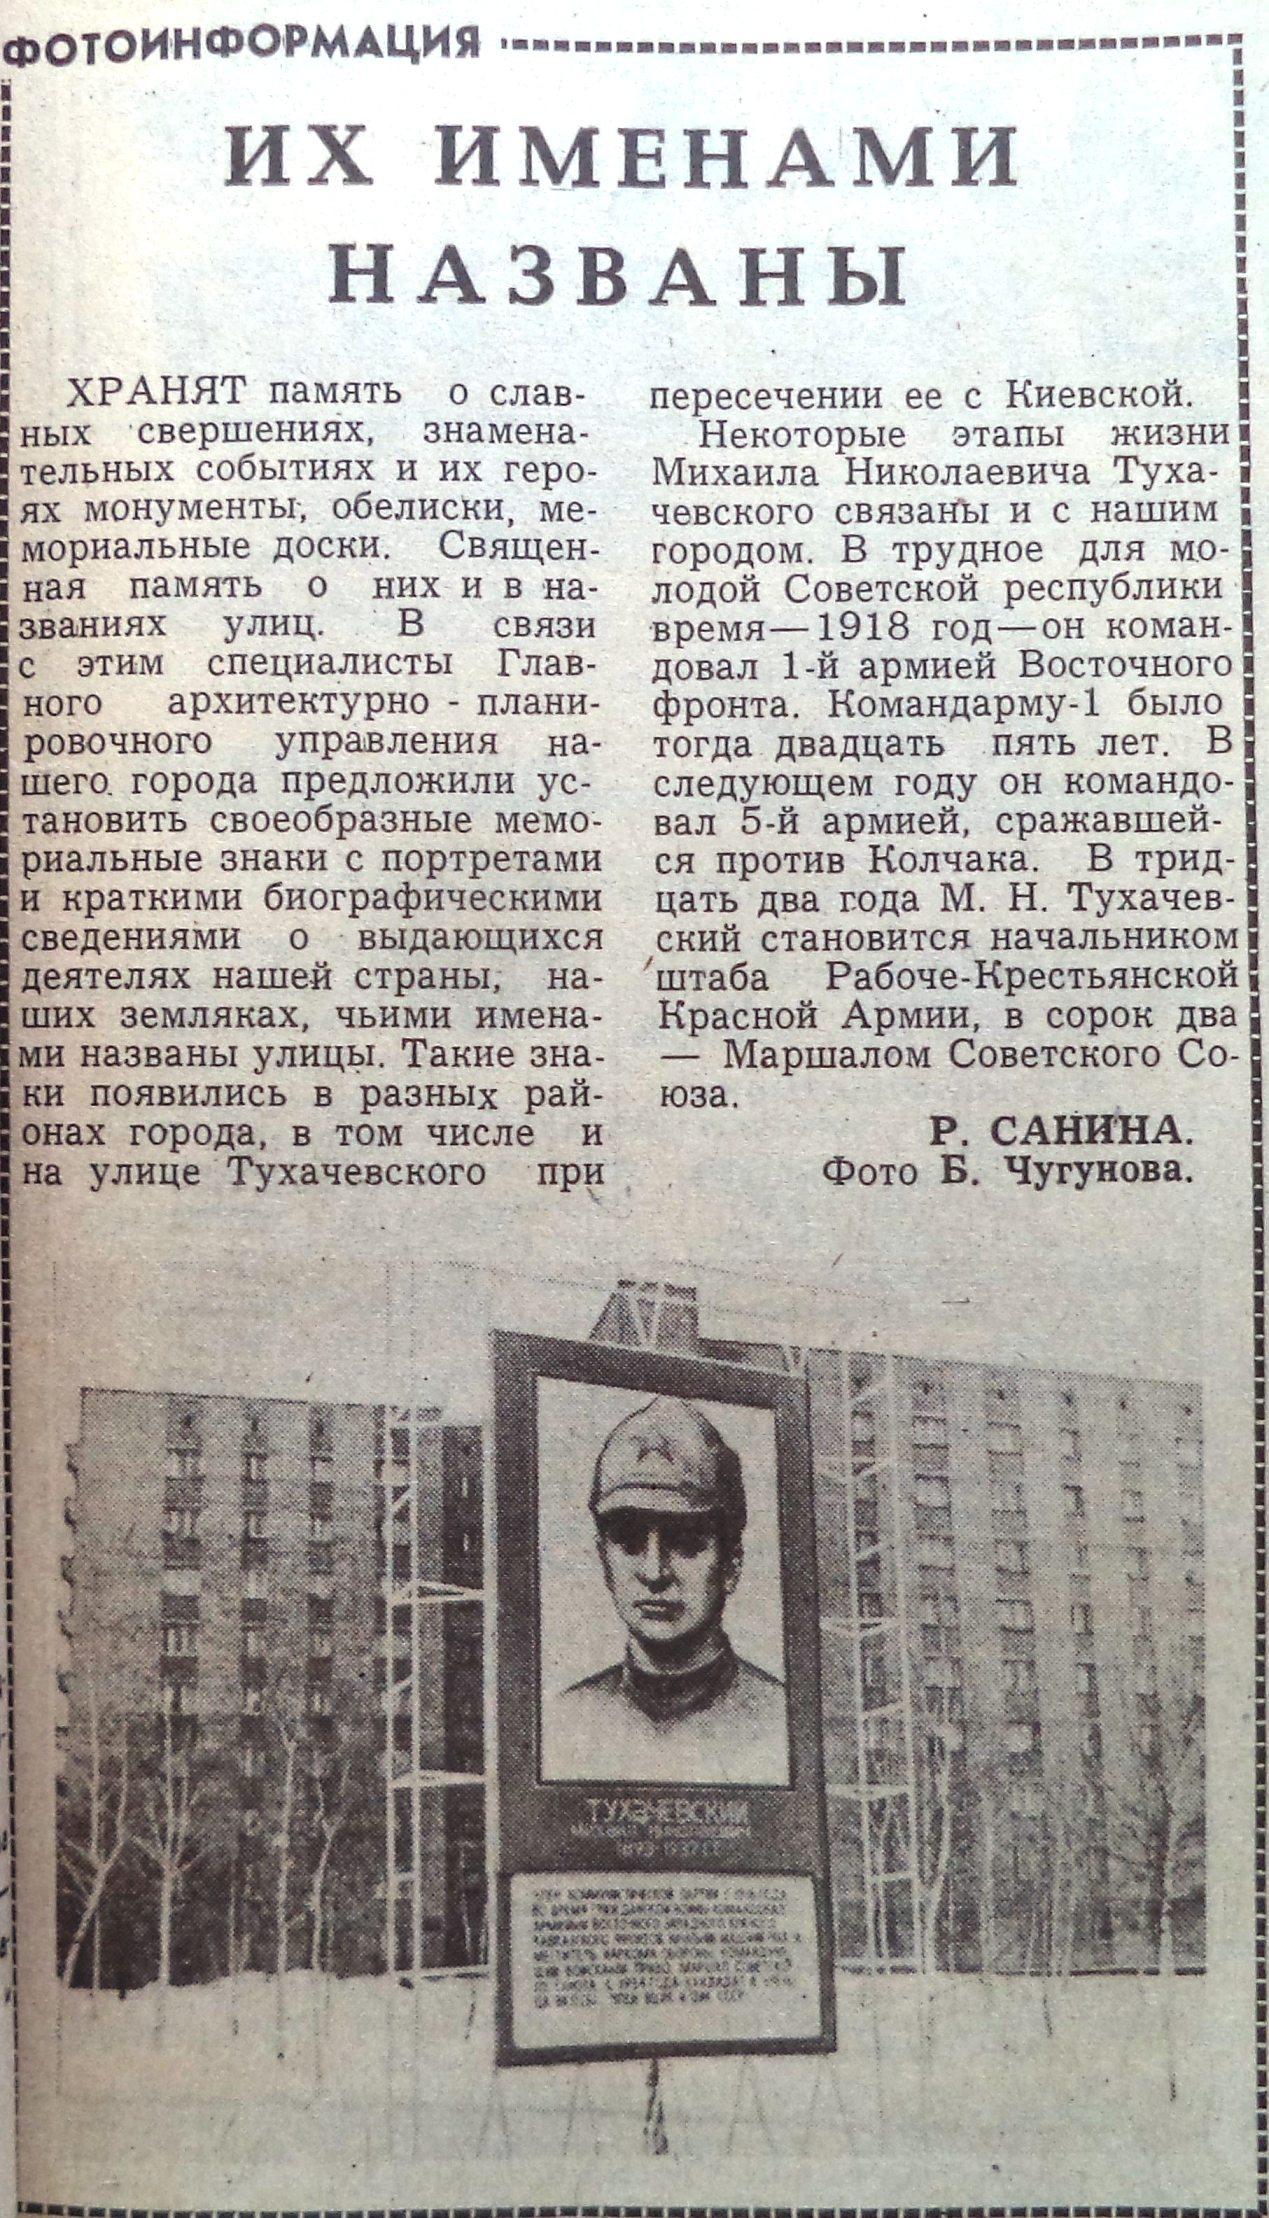 Тухачевского-ФОТО-02-ВЗя-1988-01-18-памятный знак в честь Тух.-min